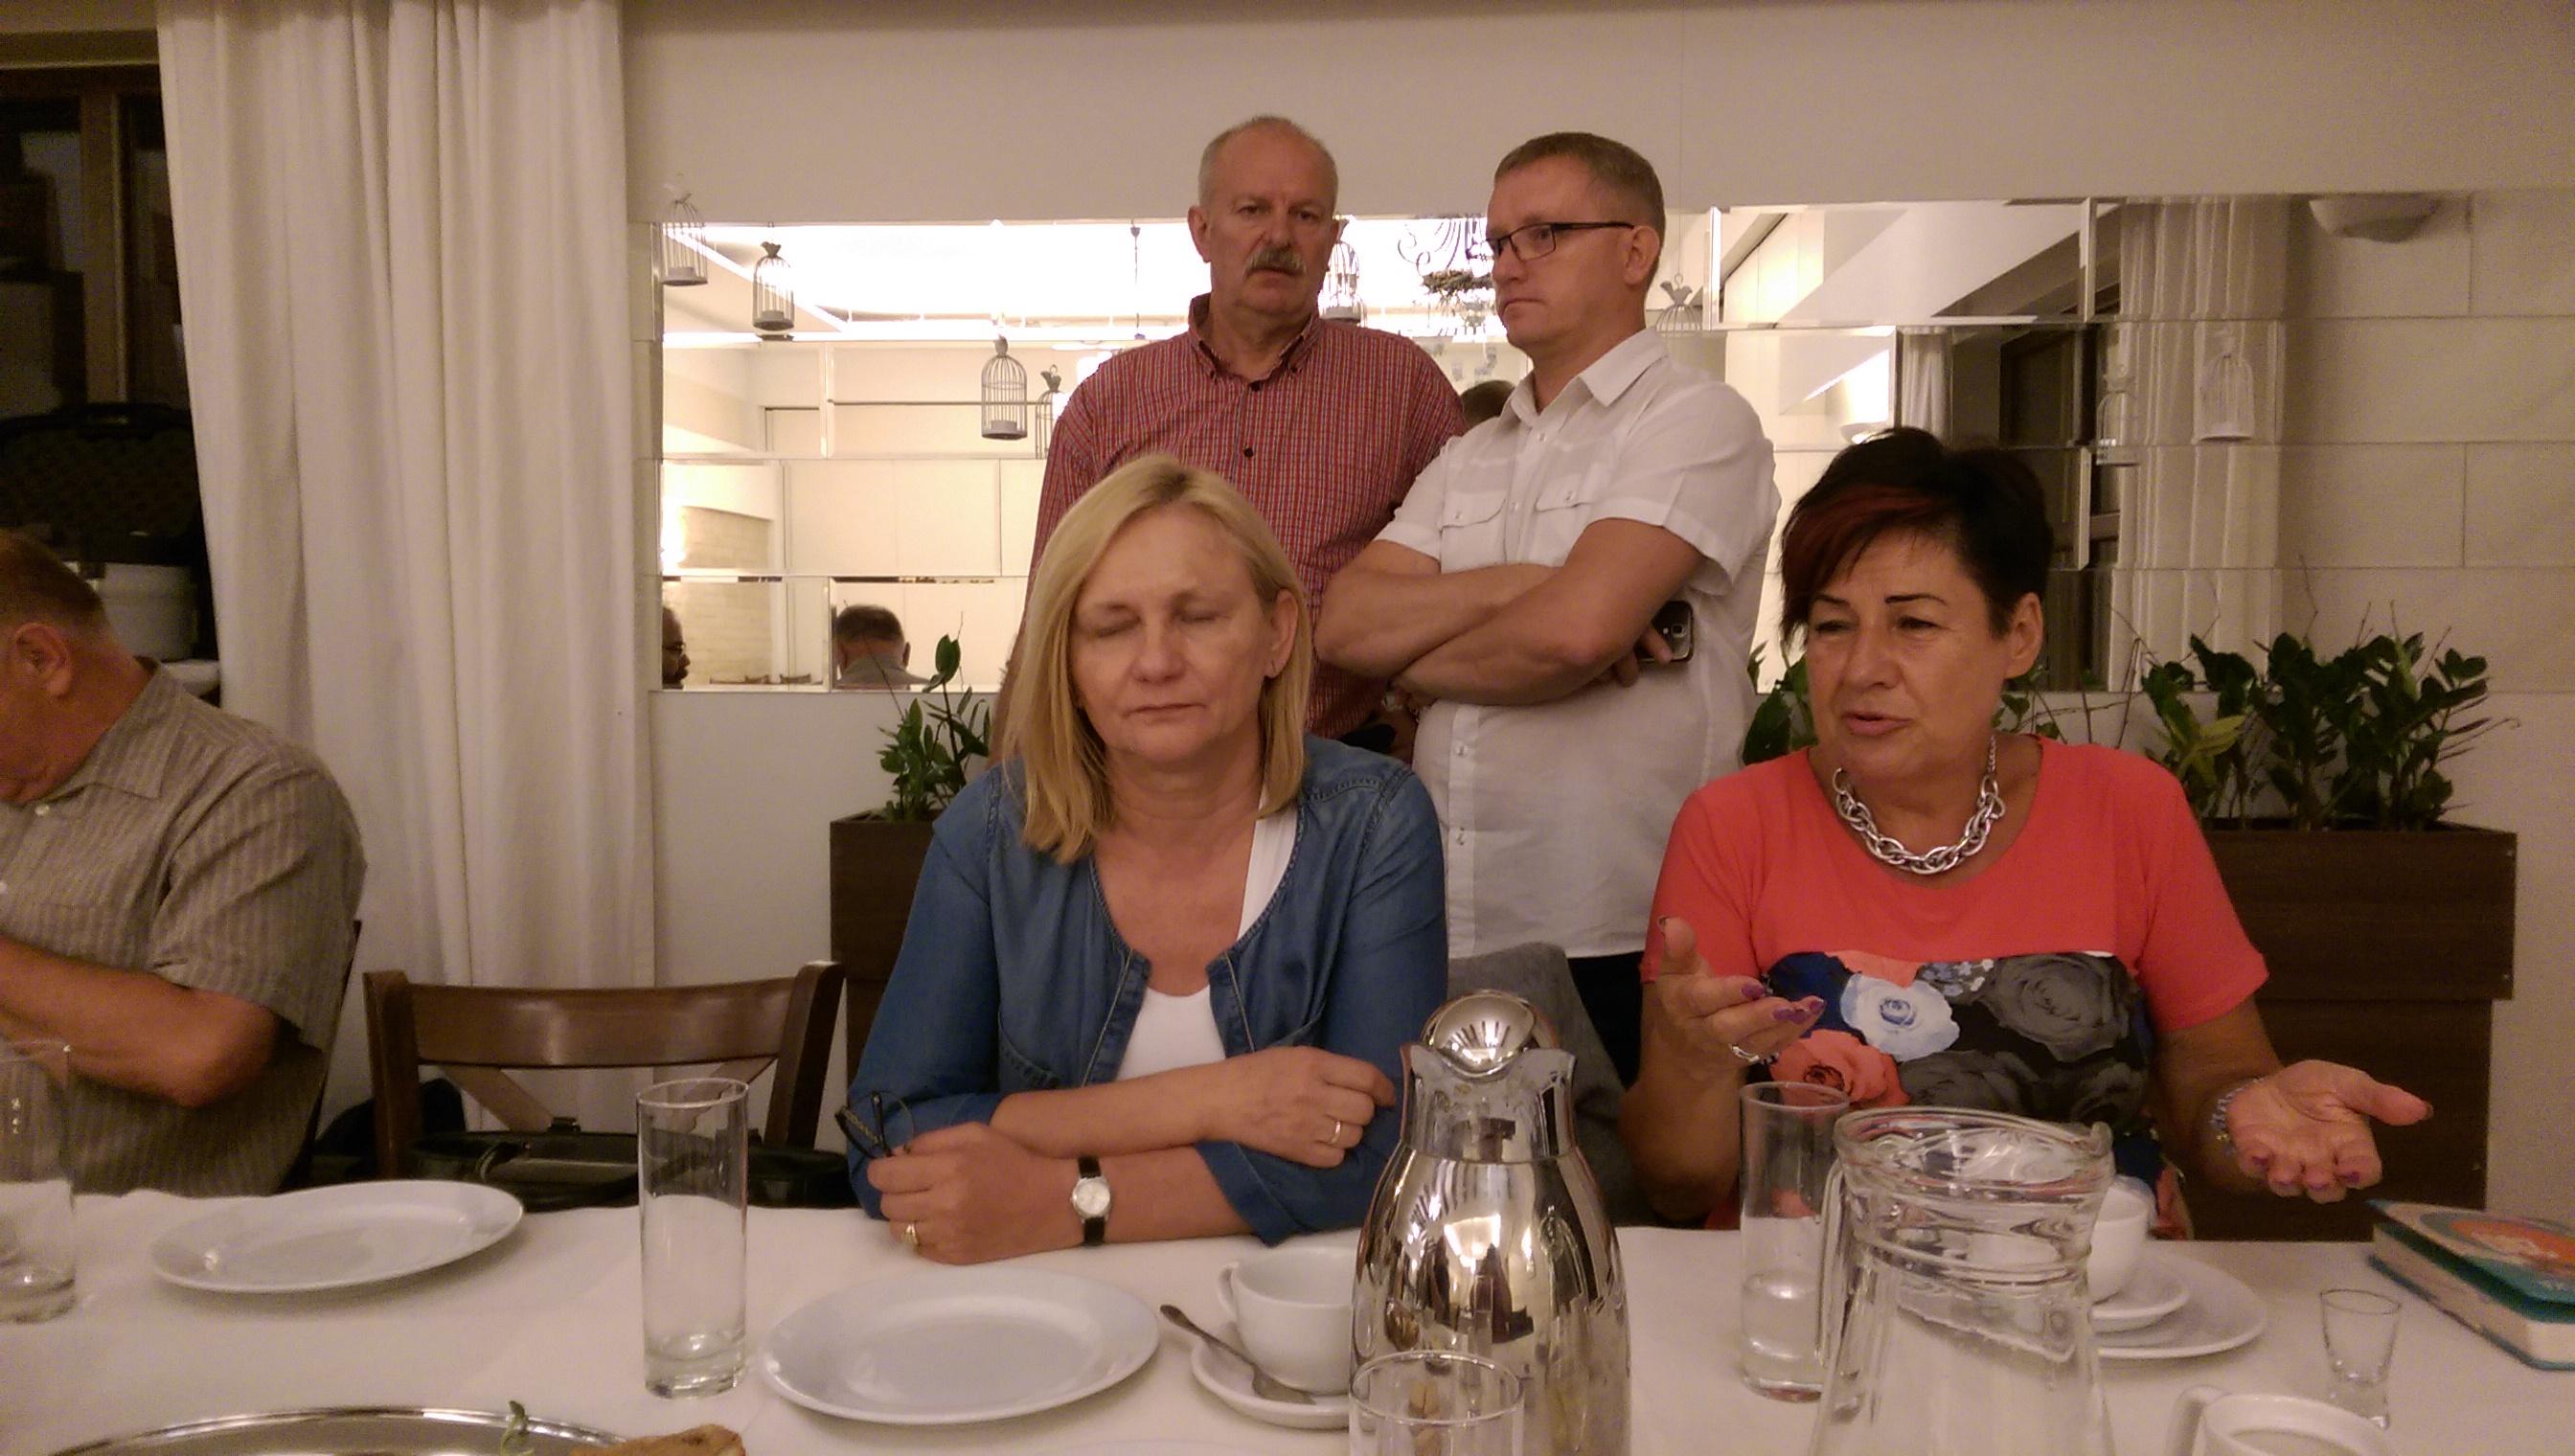 Rozmowy przy stole